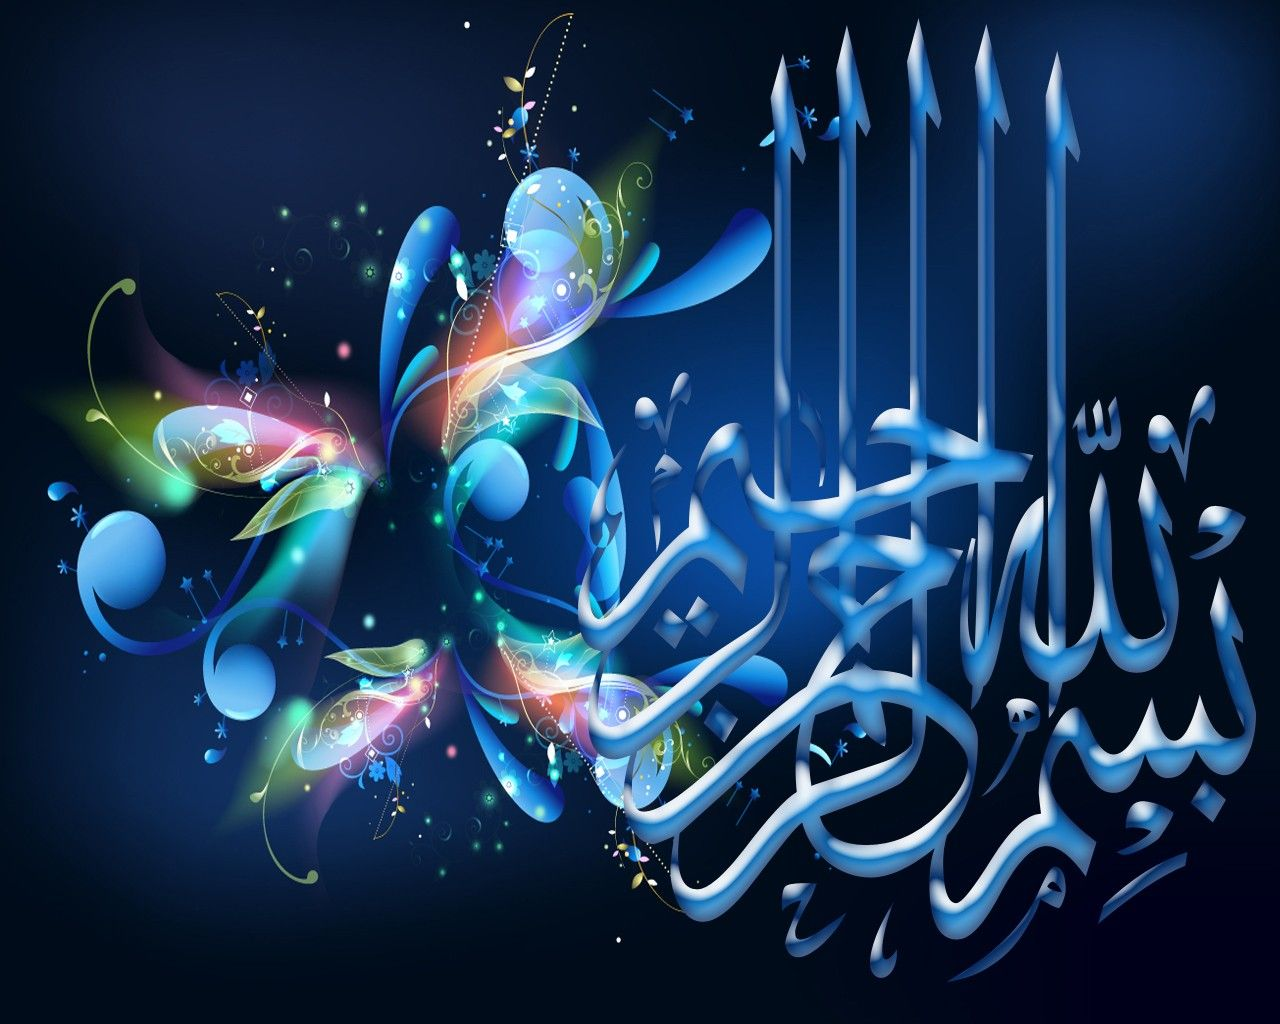 Исламские картинки живые